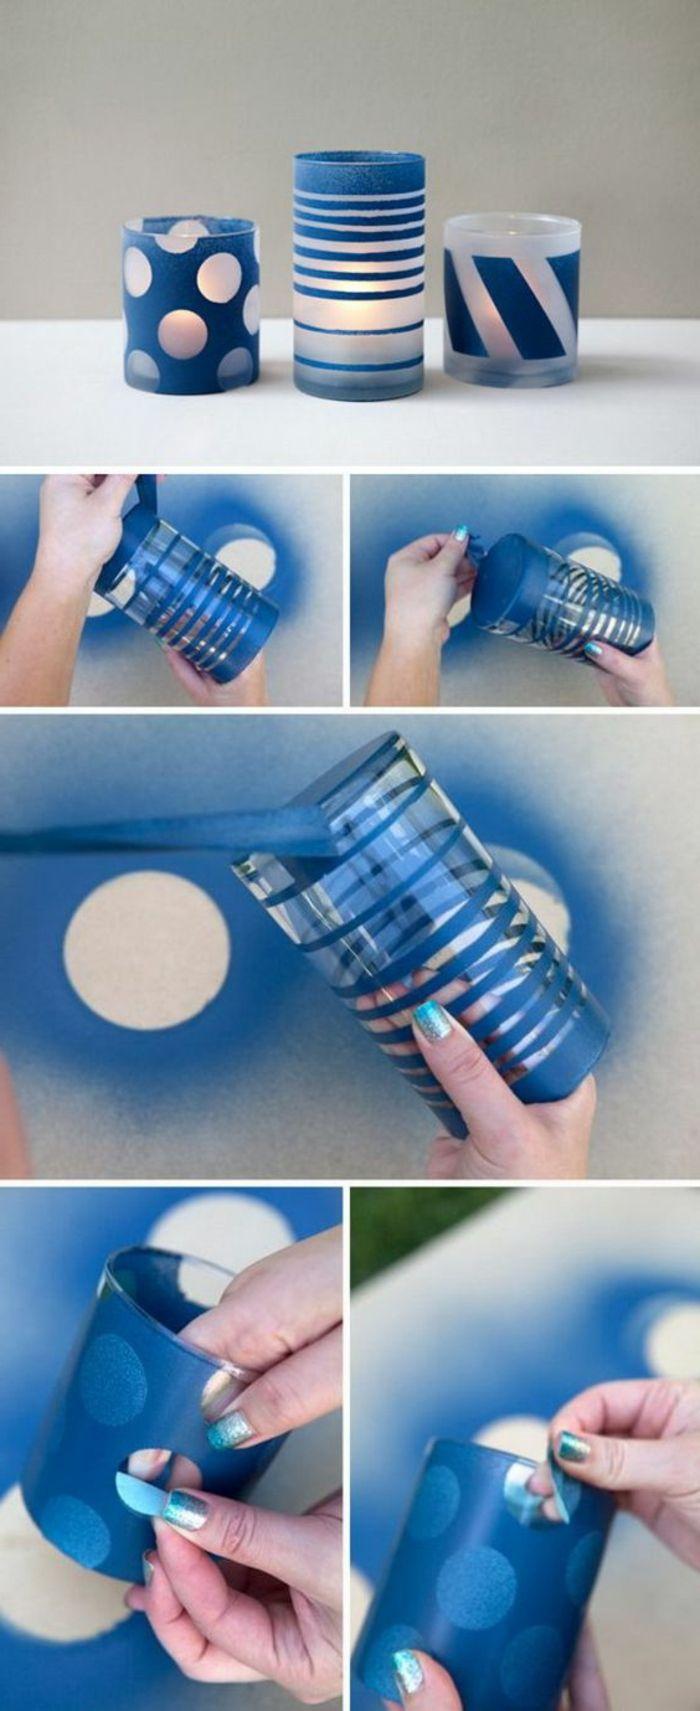 gläser mit blauem spray besprühen. teelicht